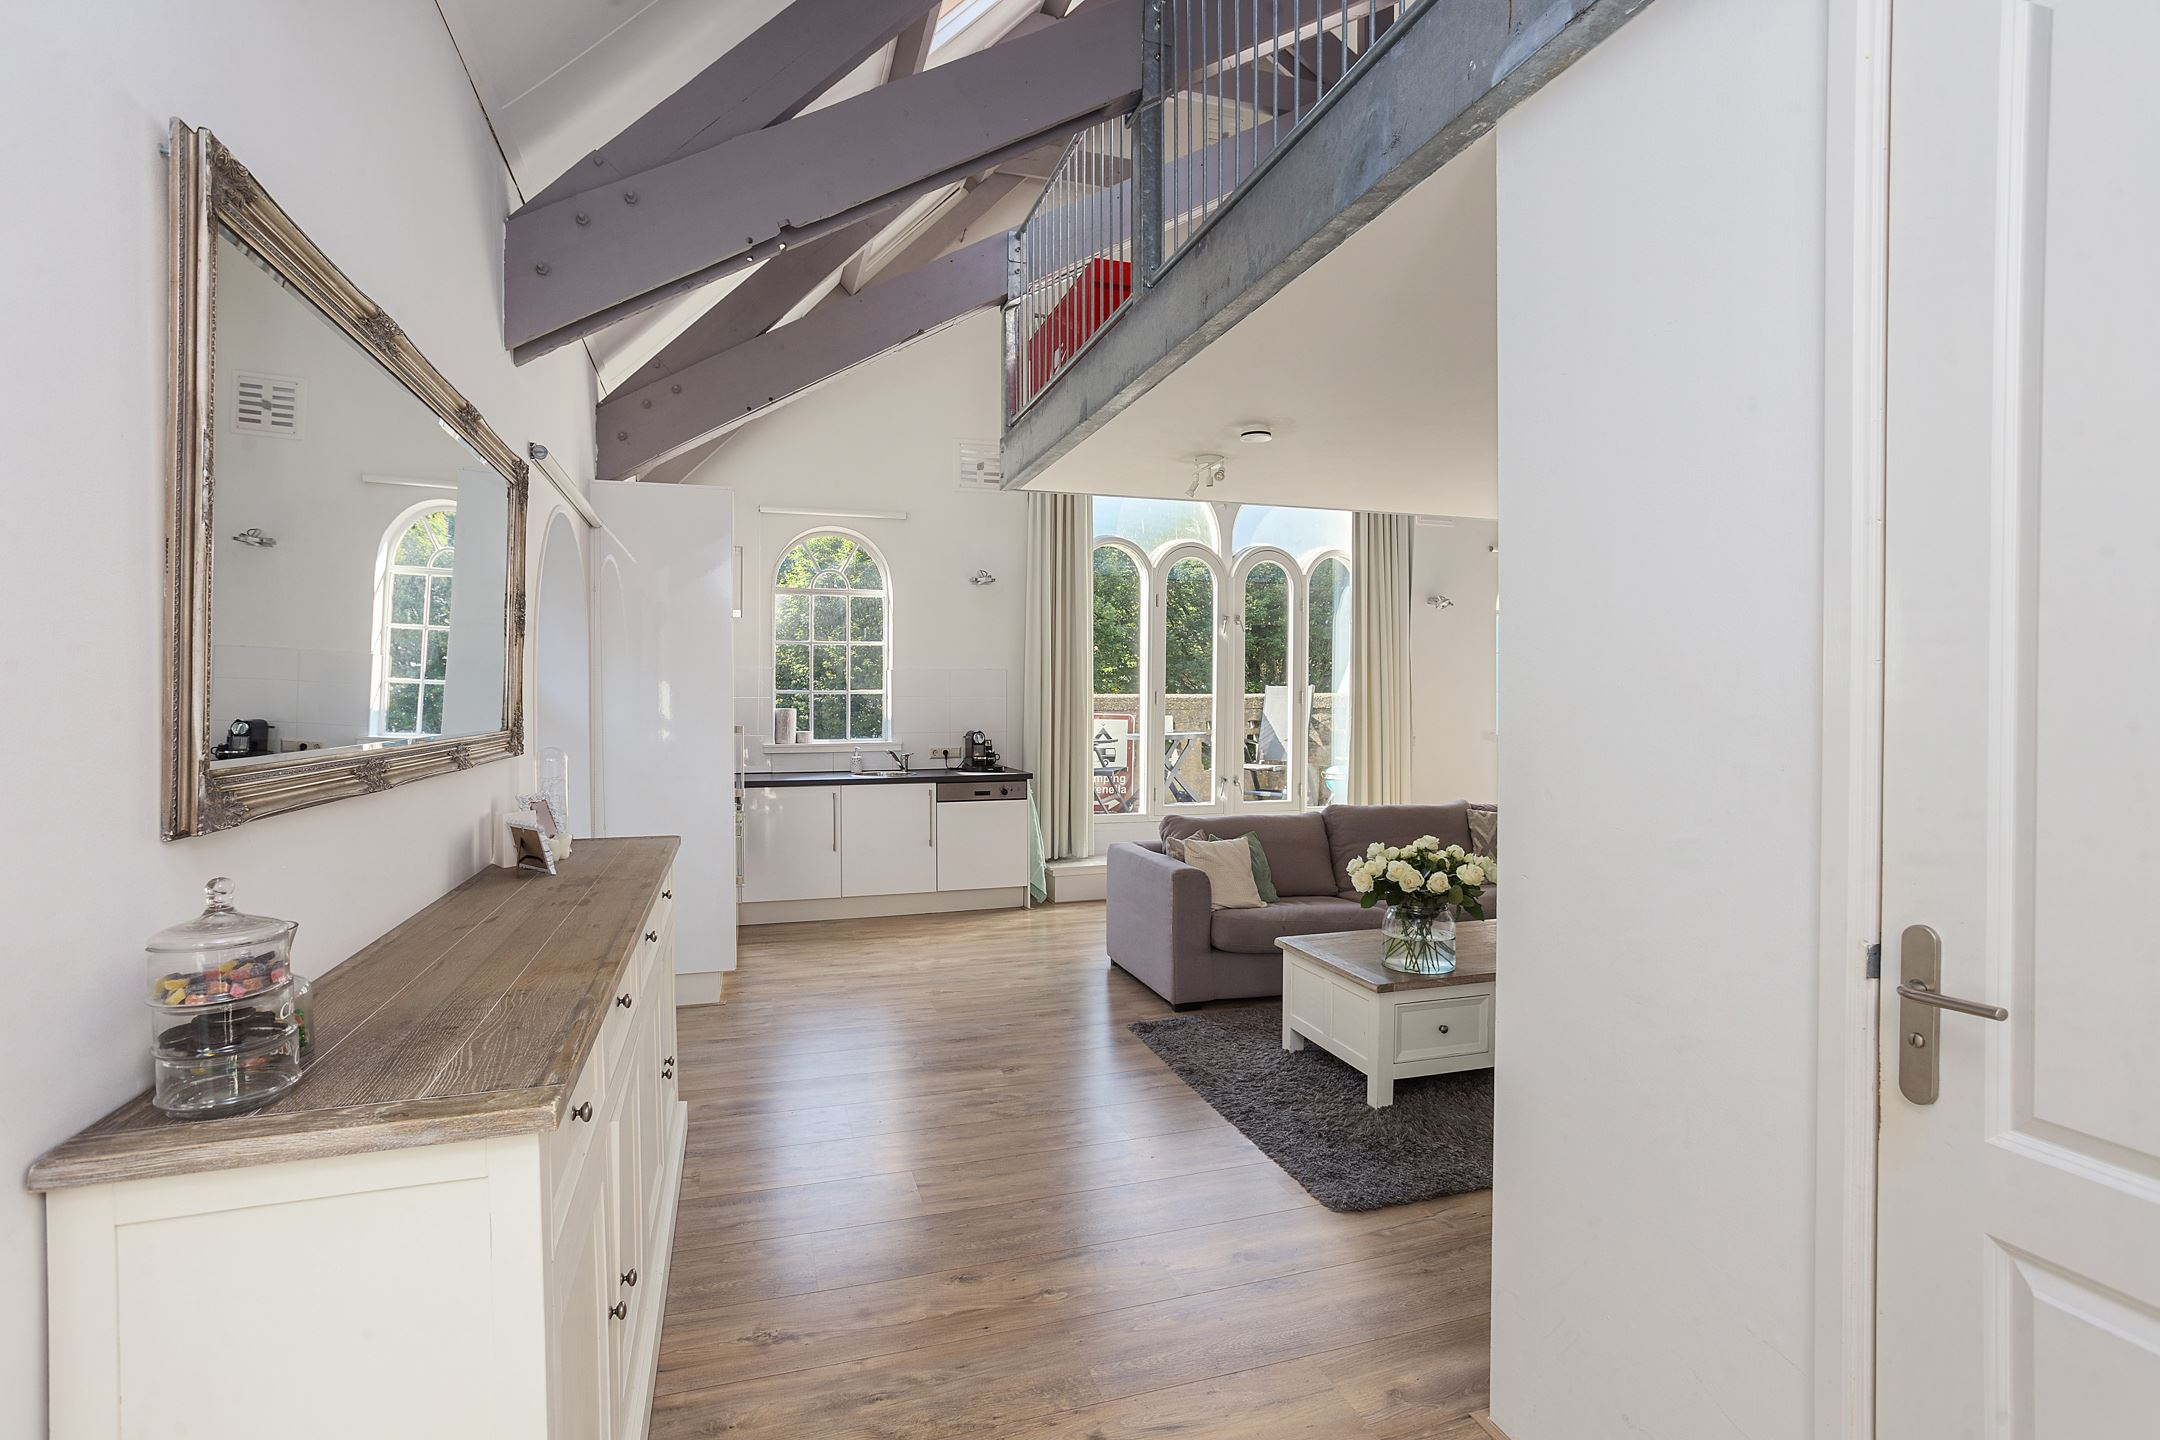 Appartement te koop: Herengracht 106 - C 1506 DW Zaandam [funda]